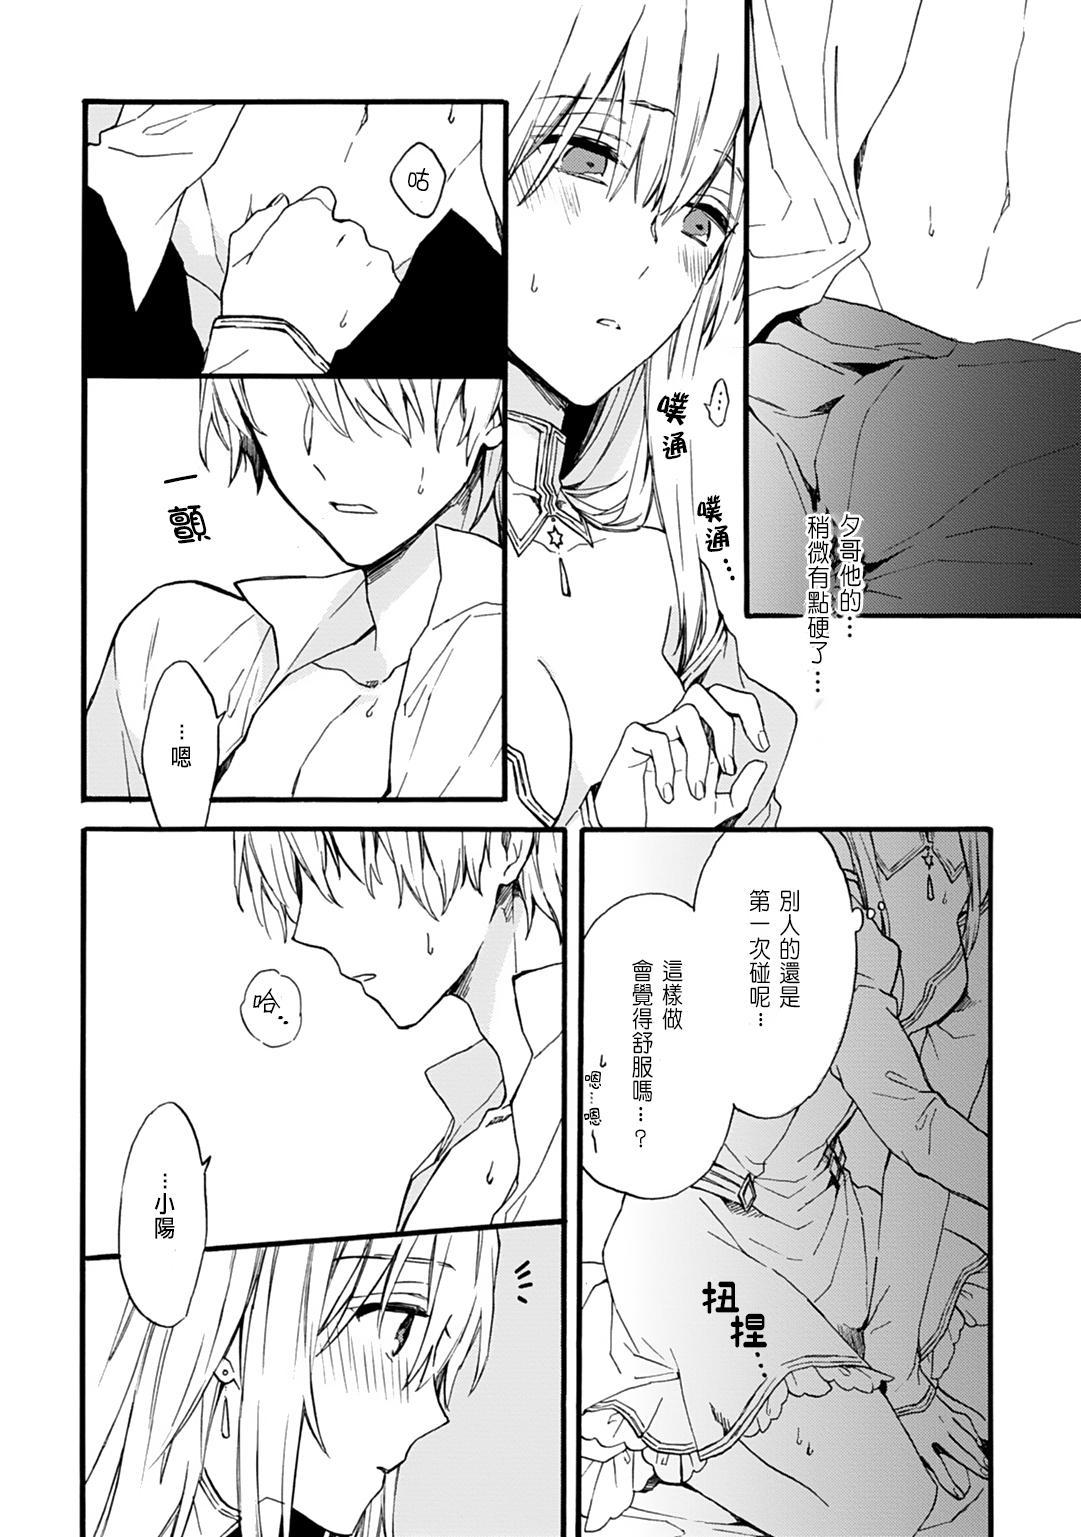 [Suzushiro Nerita] Otomege (18-kin) de Nyotaika shita Ore wa ~Clear Jouken wa Dekiai Ecchi!?~ 1-3 [Chinese] 51